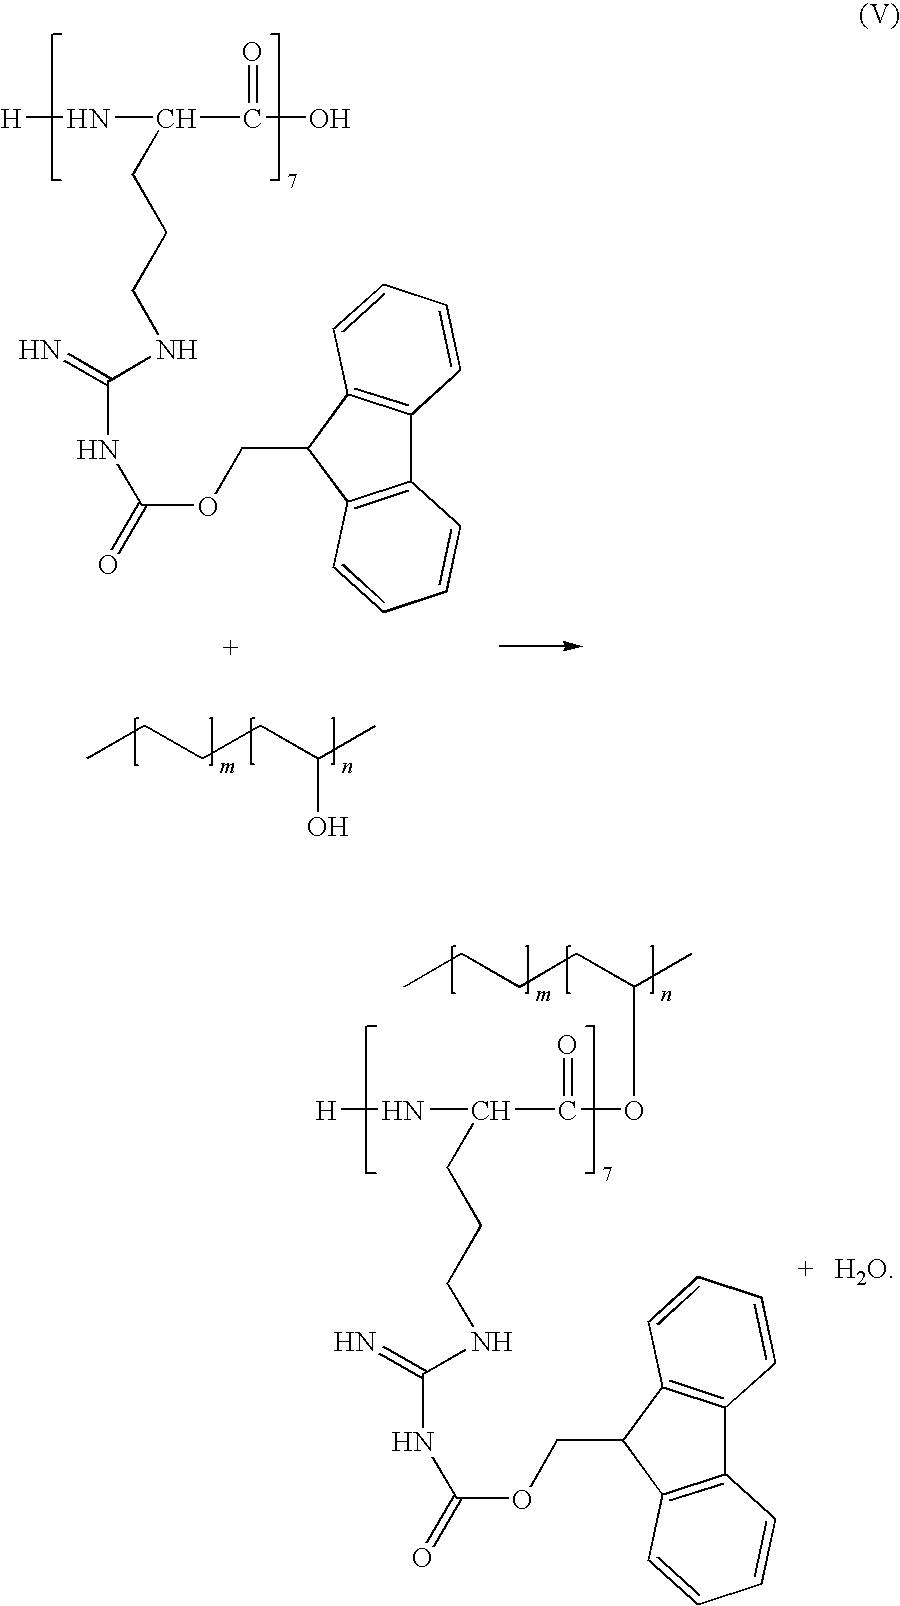 Figure US07875286-20110125-C00004